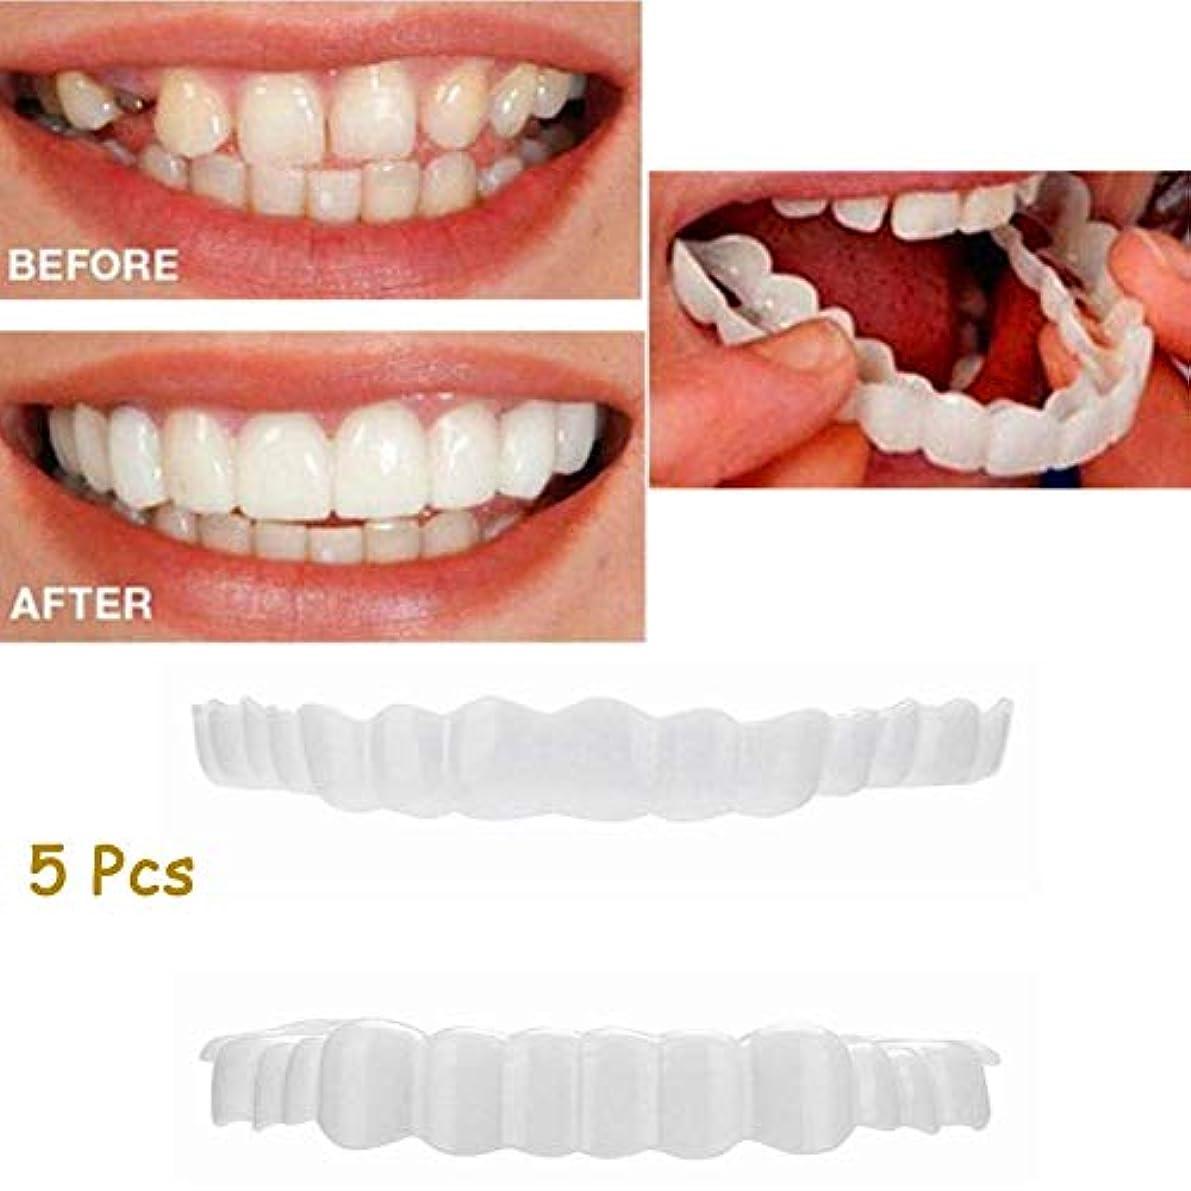 半導体マーキーレジ5ピース上歯+下歯セットインスタントパーフェクトコンフォートフィットフレックス化粧品歯入れ歯歯ホワイトニングスマイルフェイク歯